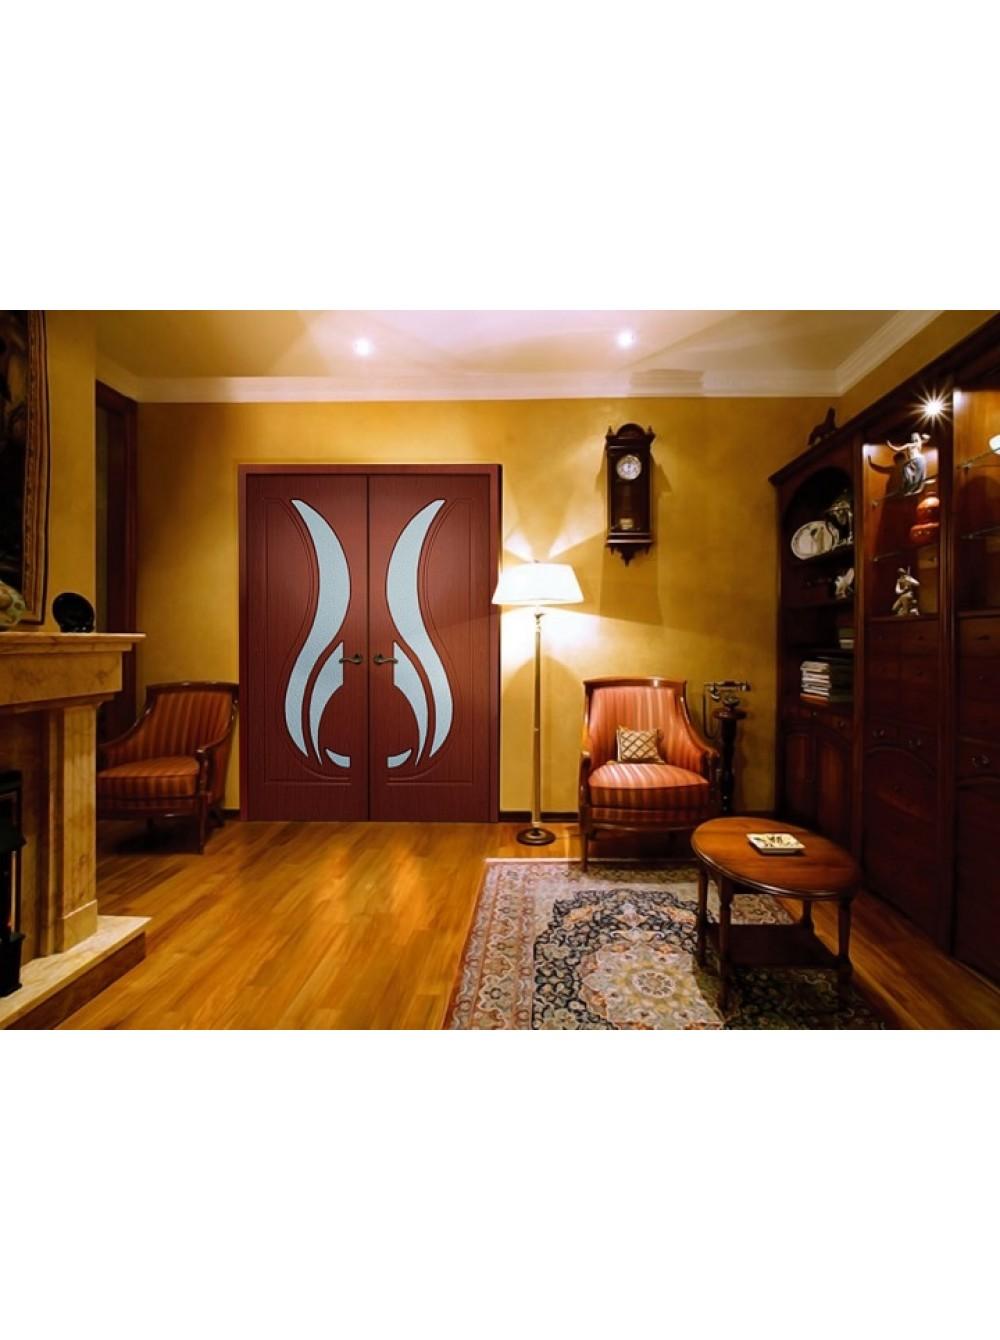 Межкомнатная дверь Новый стиль(Остекленное полотно)